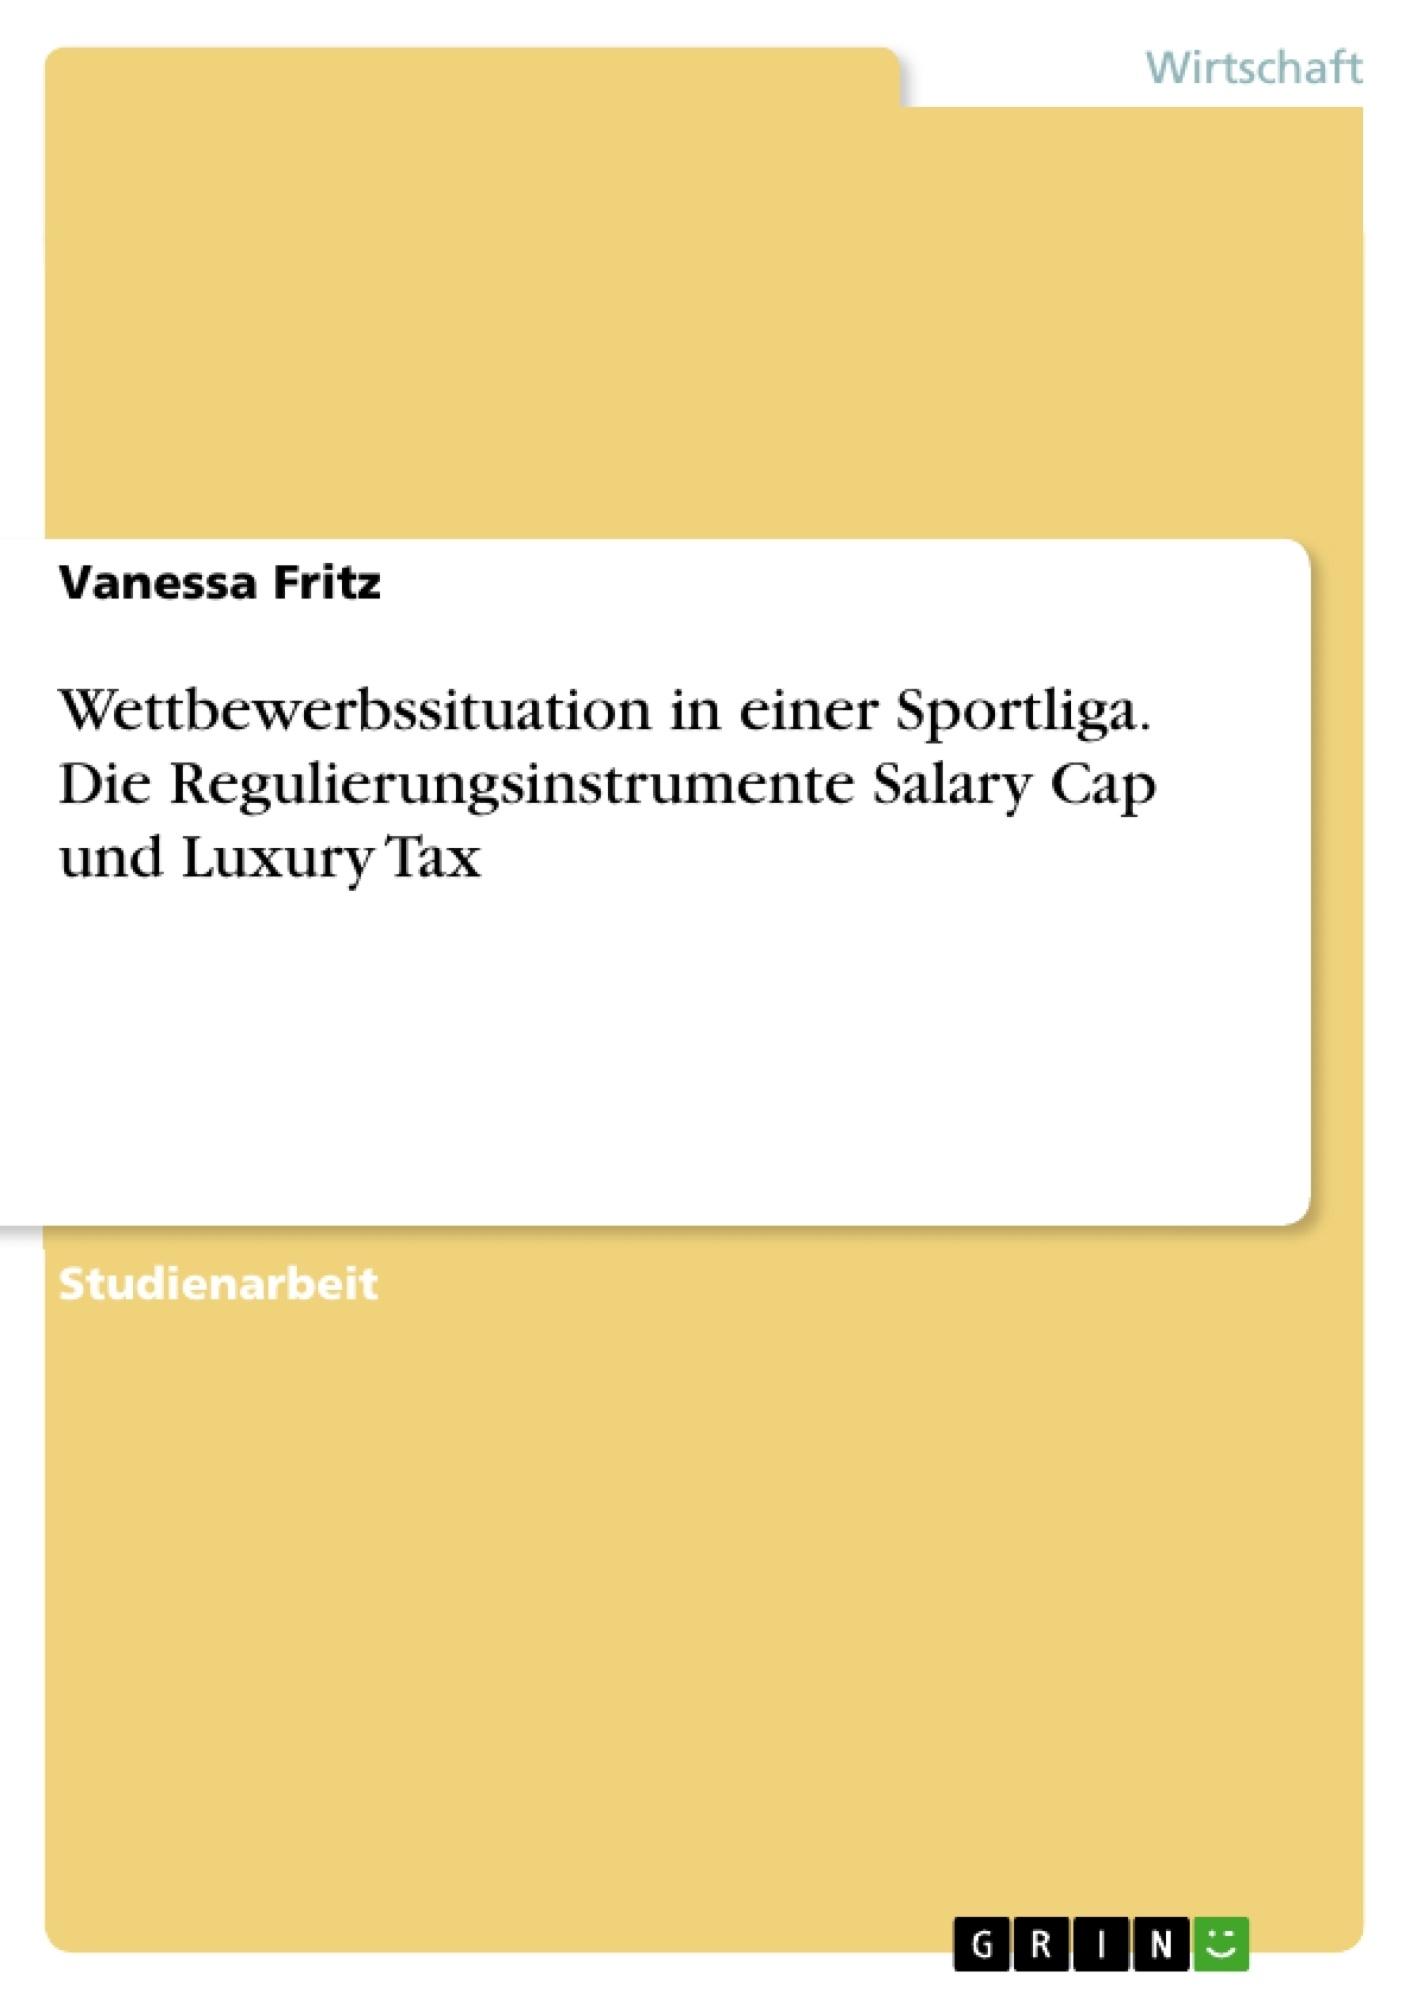 Titel: Wettbewerbssituation in einer Sportliga. Die Regulierungsinstrumente Salary Cap und Luxury Tax